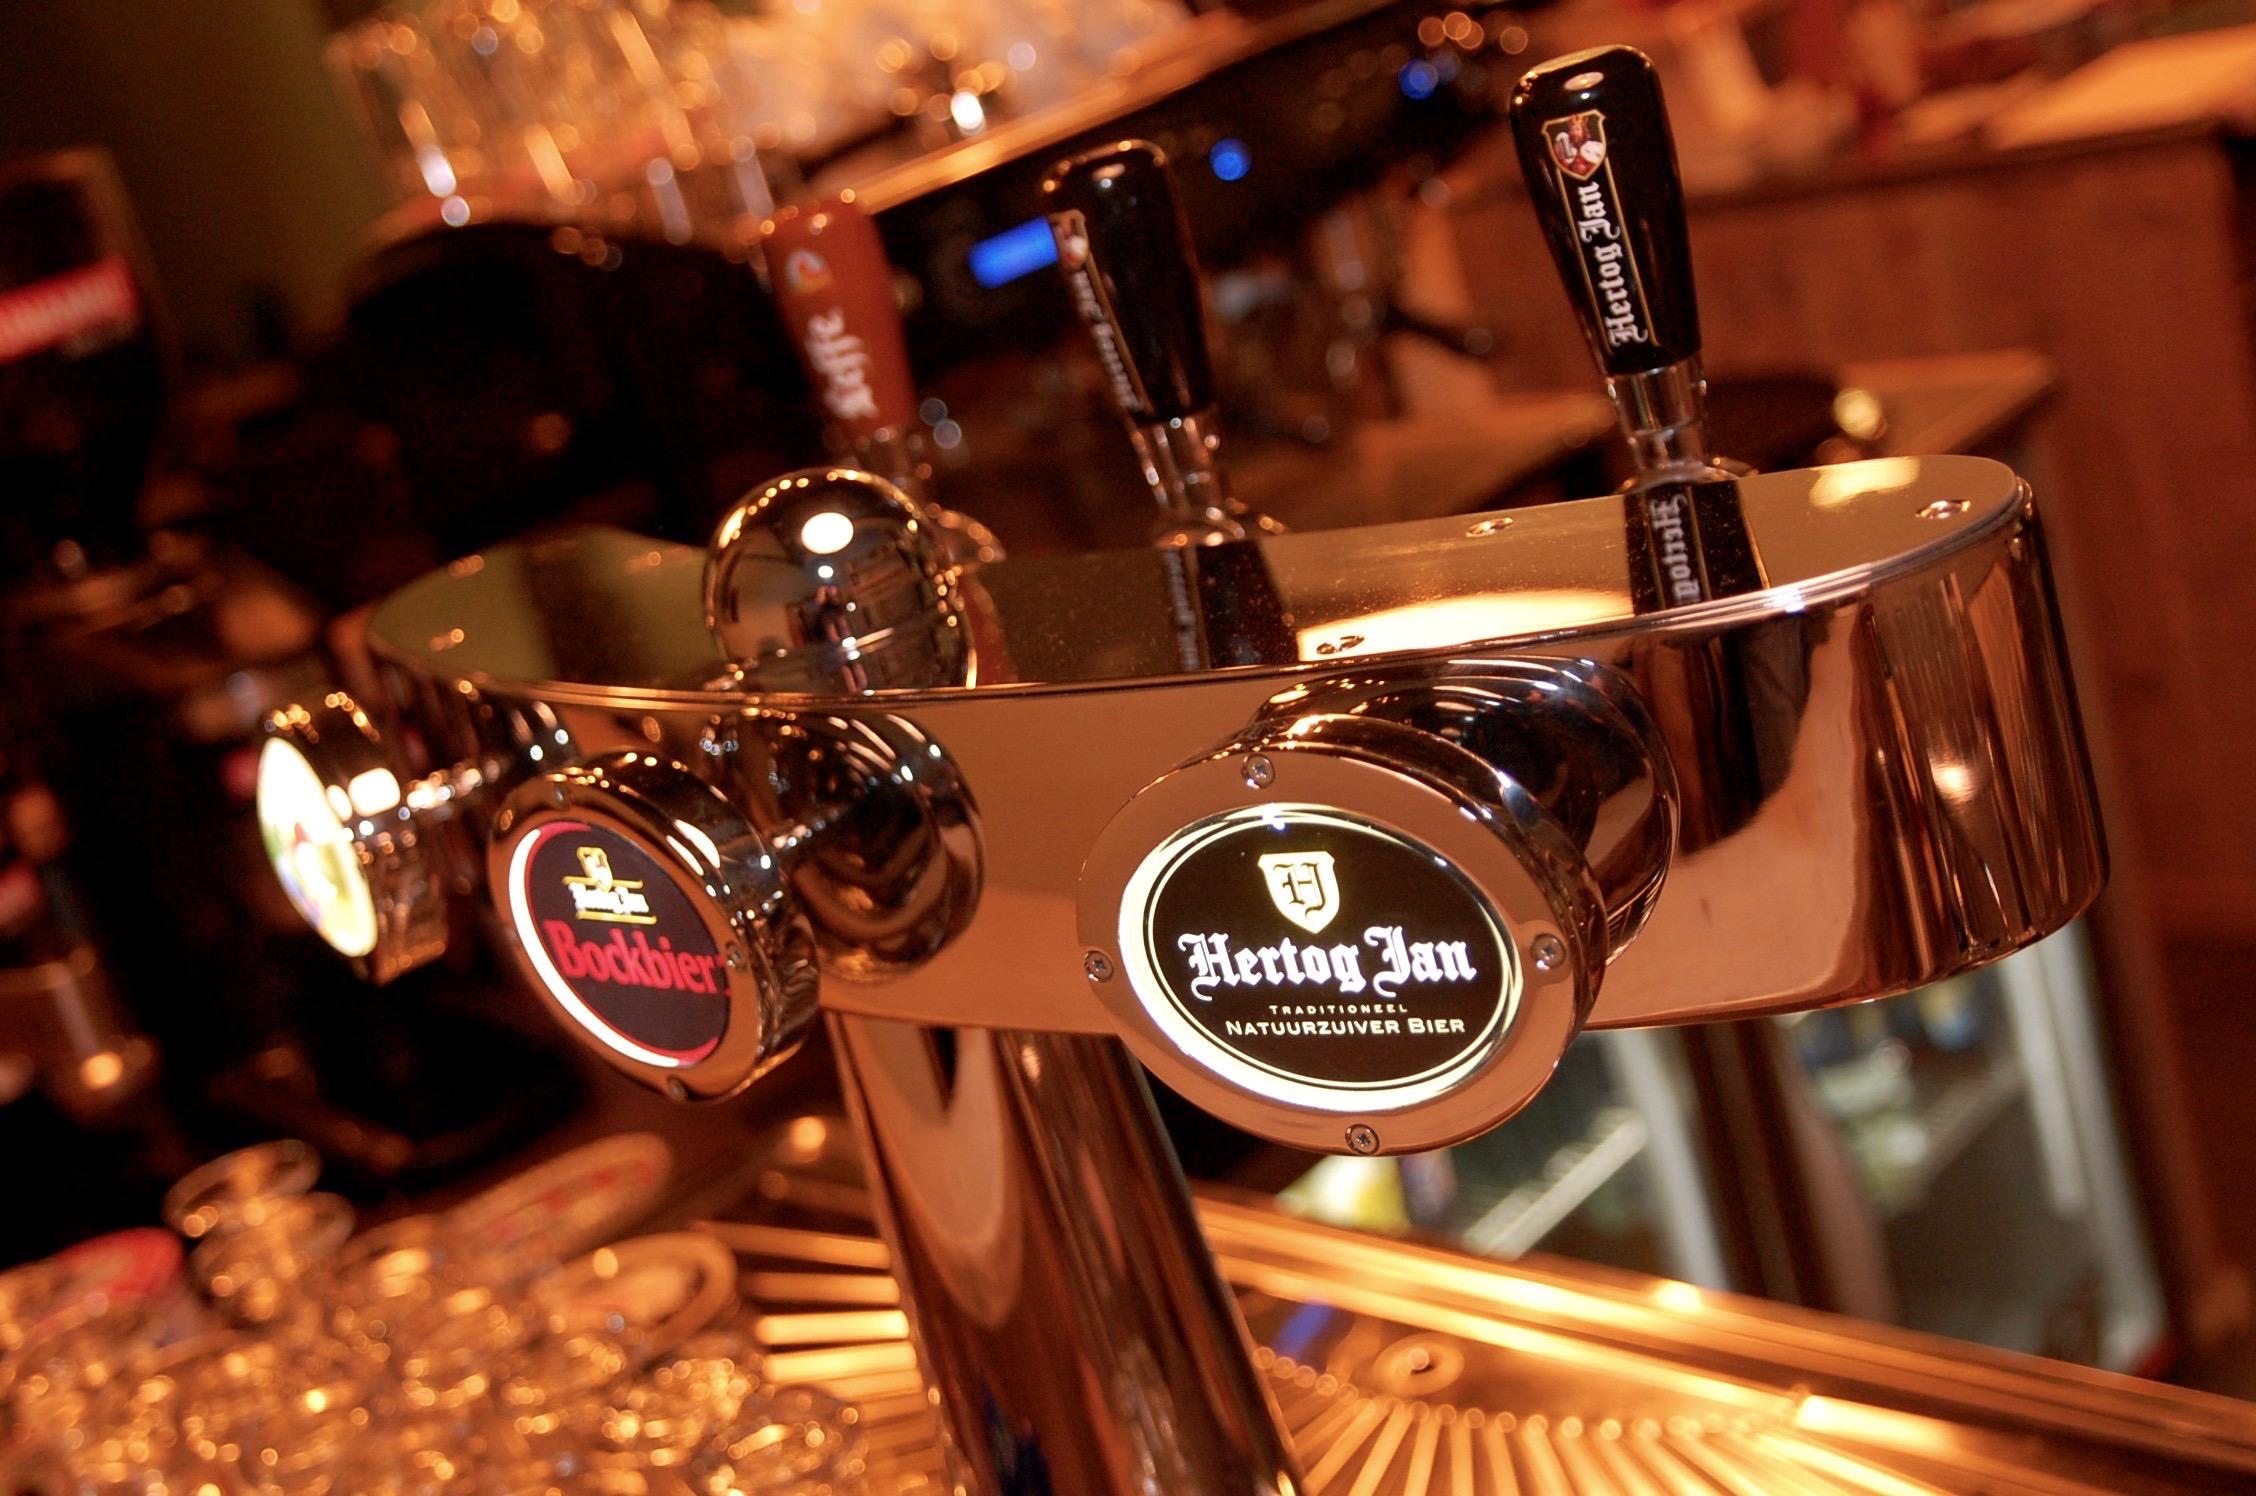 Biersoorten Brasserie Meer